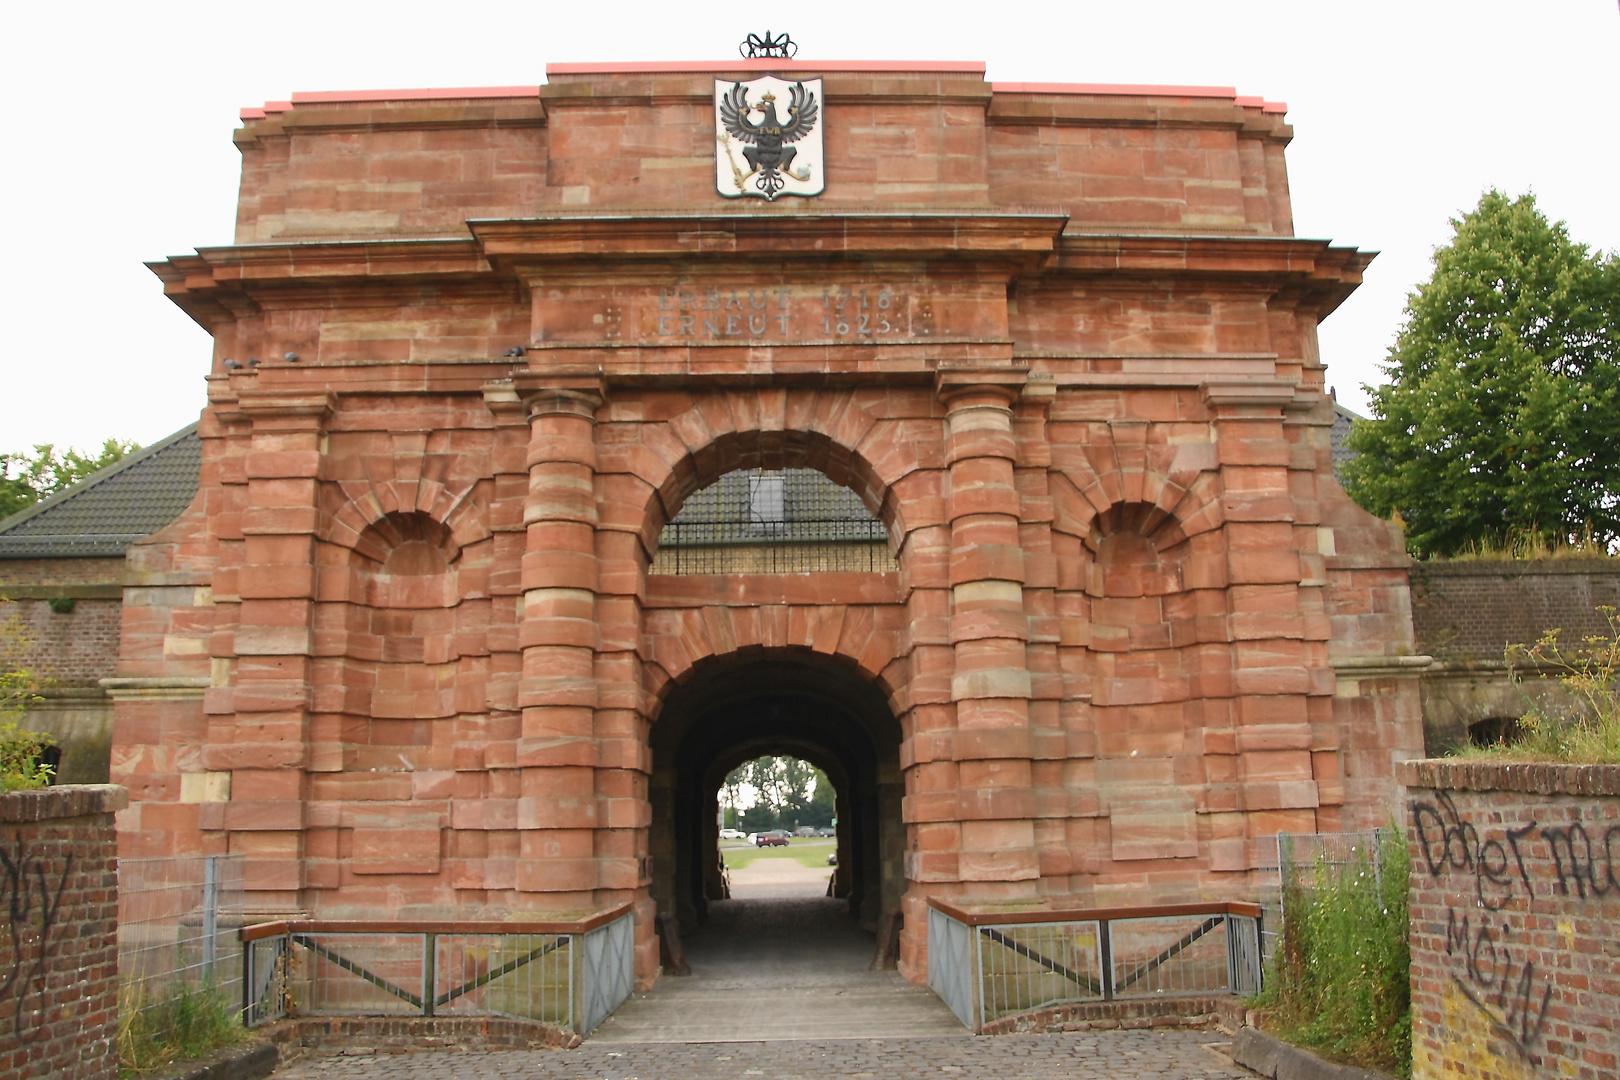 Zitadelle von hinten in Wesel